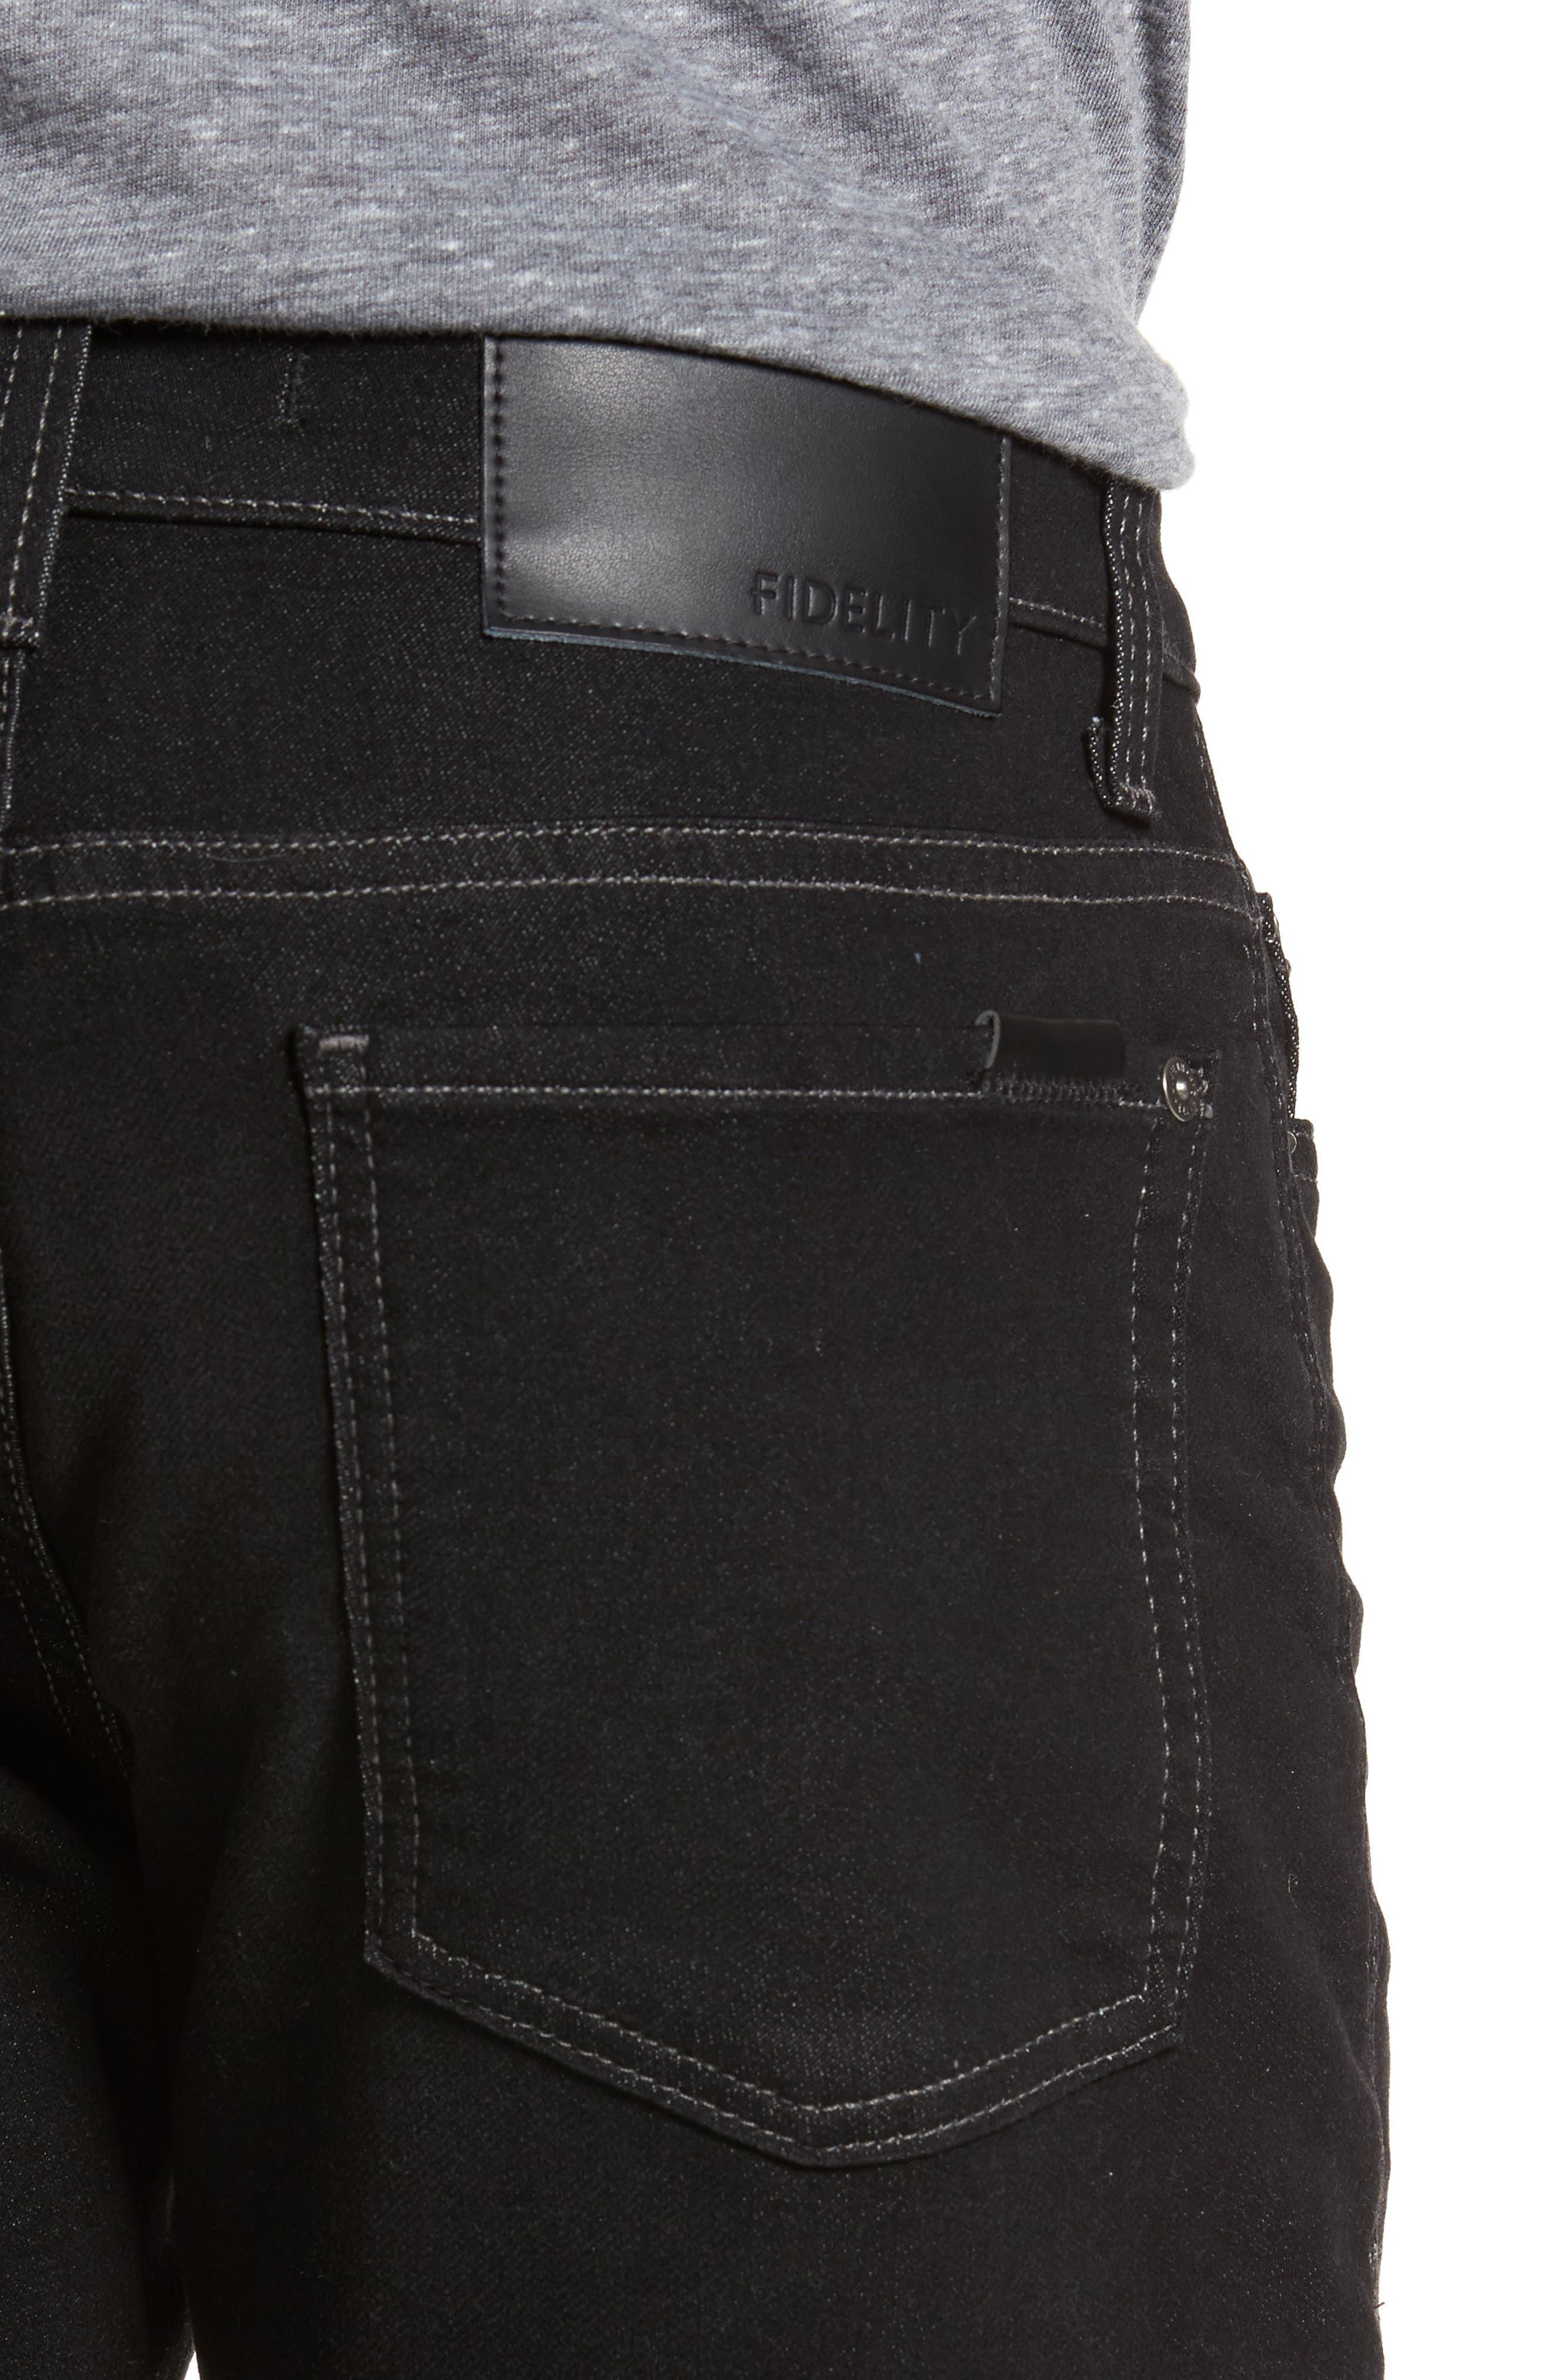 Torino Slim Fit Jeans,                             Alternate thumbnail 4, color,                             Oxy Black On Black